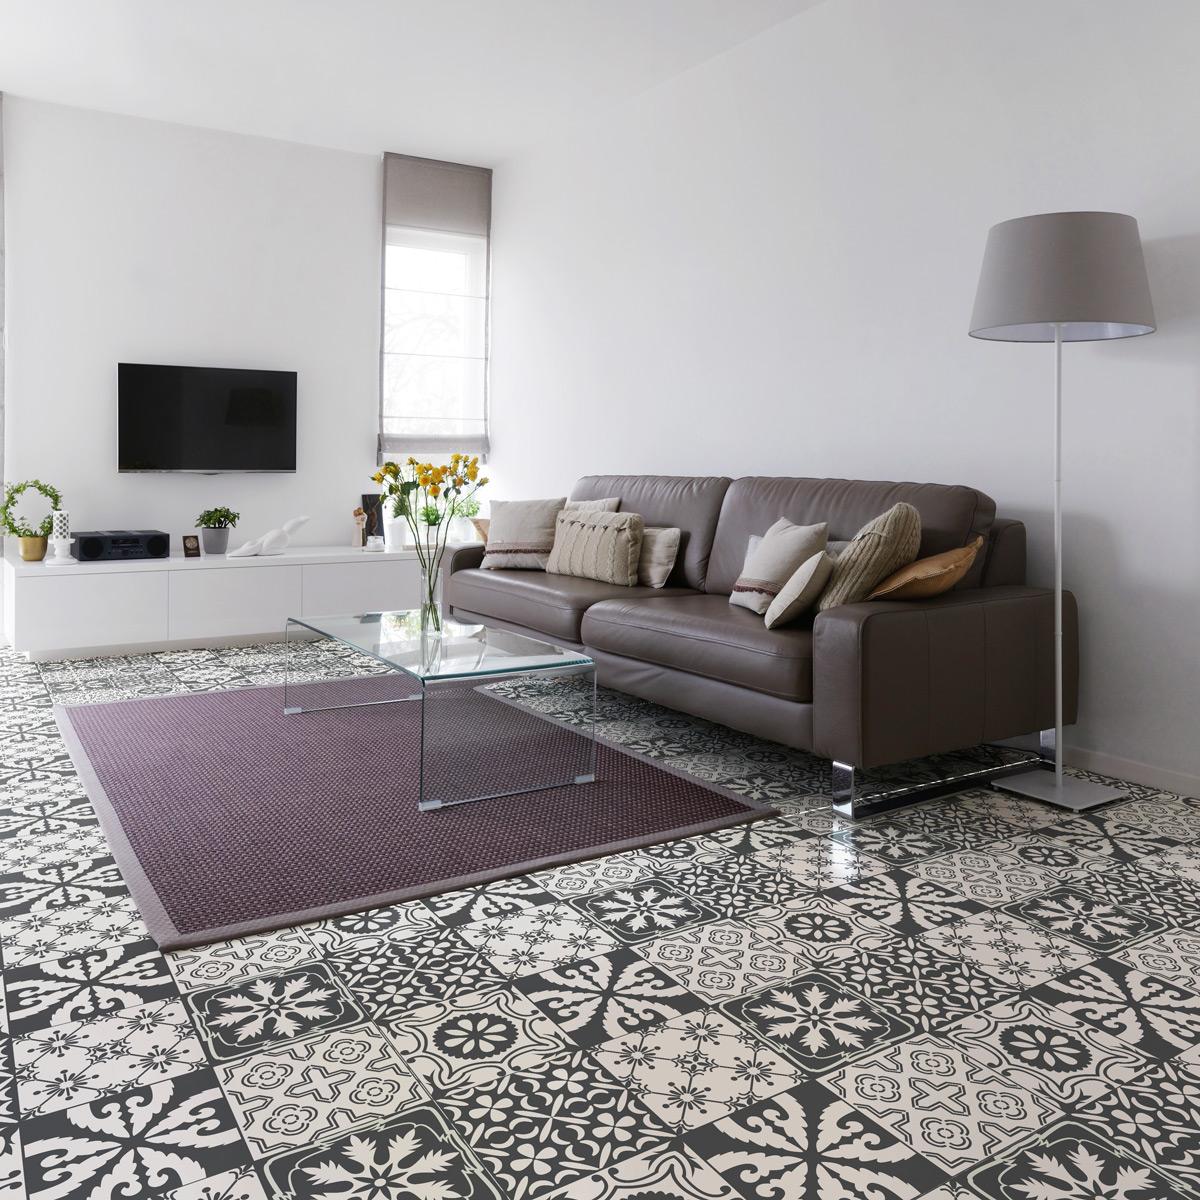 couper carreaux de ciment stickers sol carrelages stickers sol carreaux de ciment antidrapant. Black Bedroom Furniture Sets. Home Design Ideas